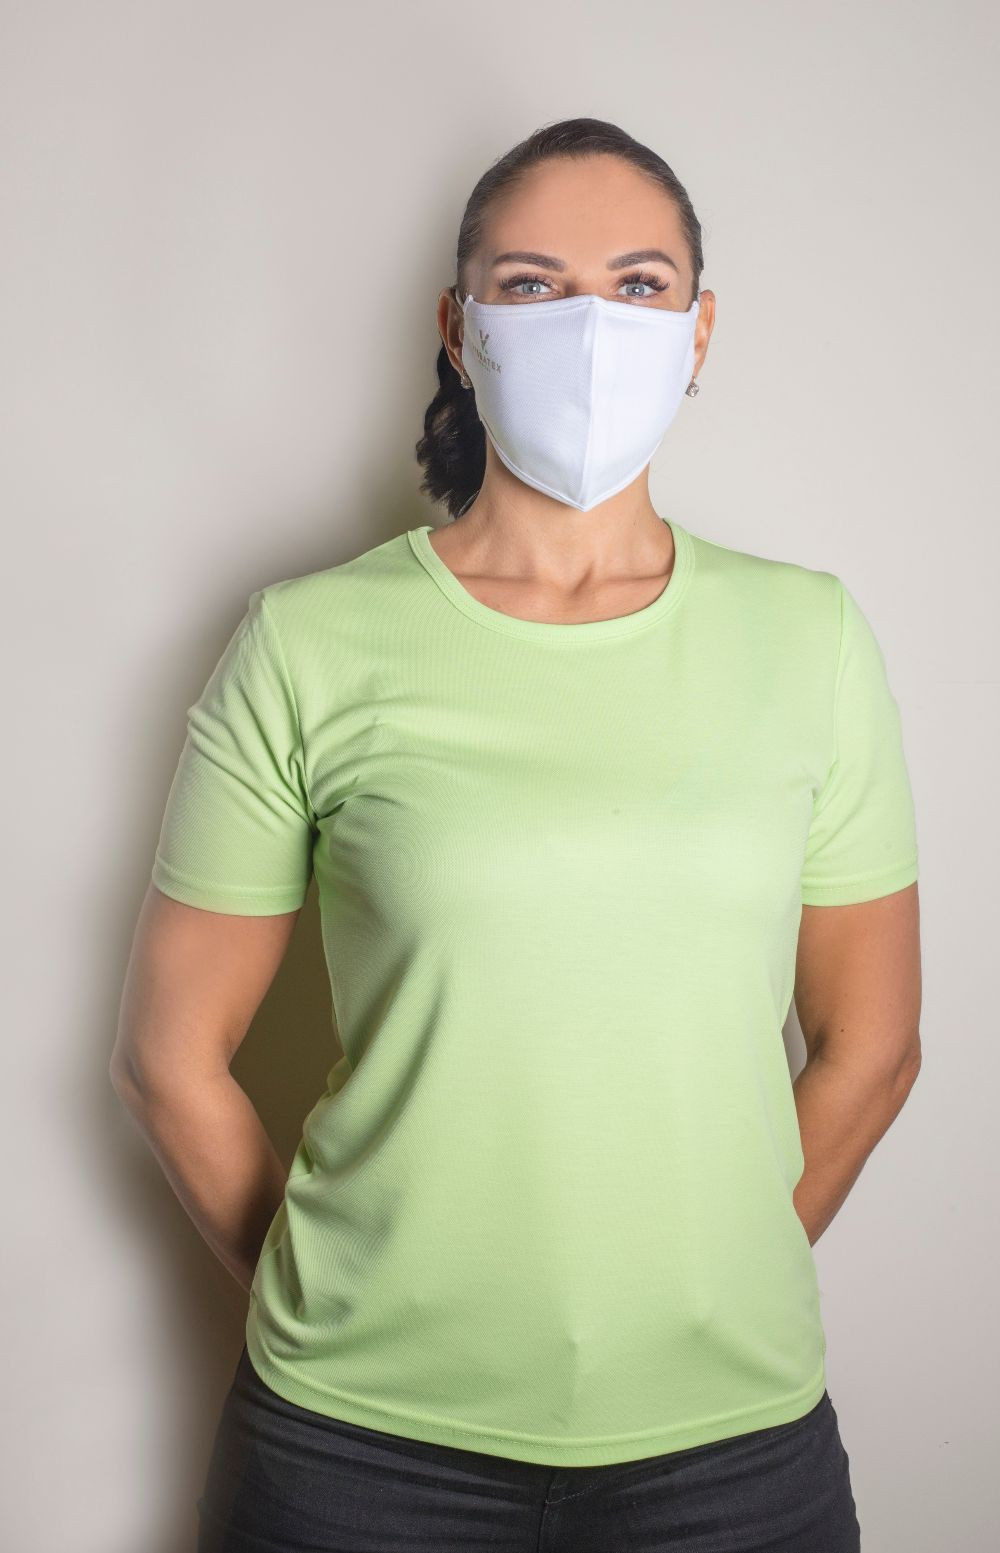 Visbatex T-Shirt Antibakteriell Silver+ Kurzarm – grün